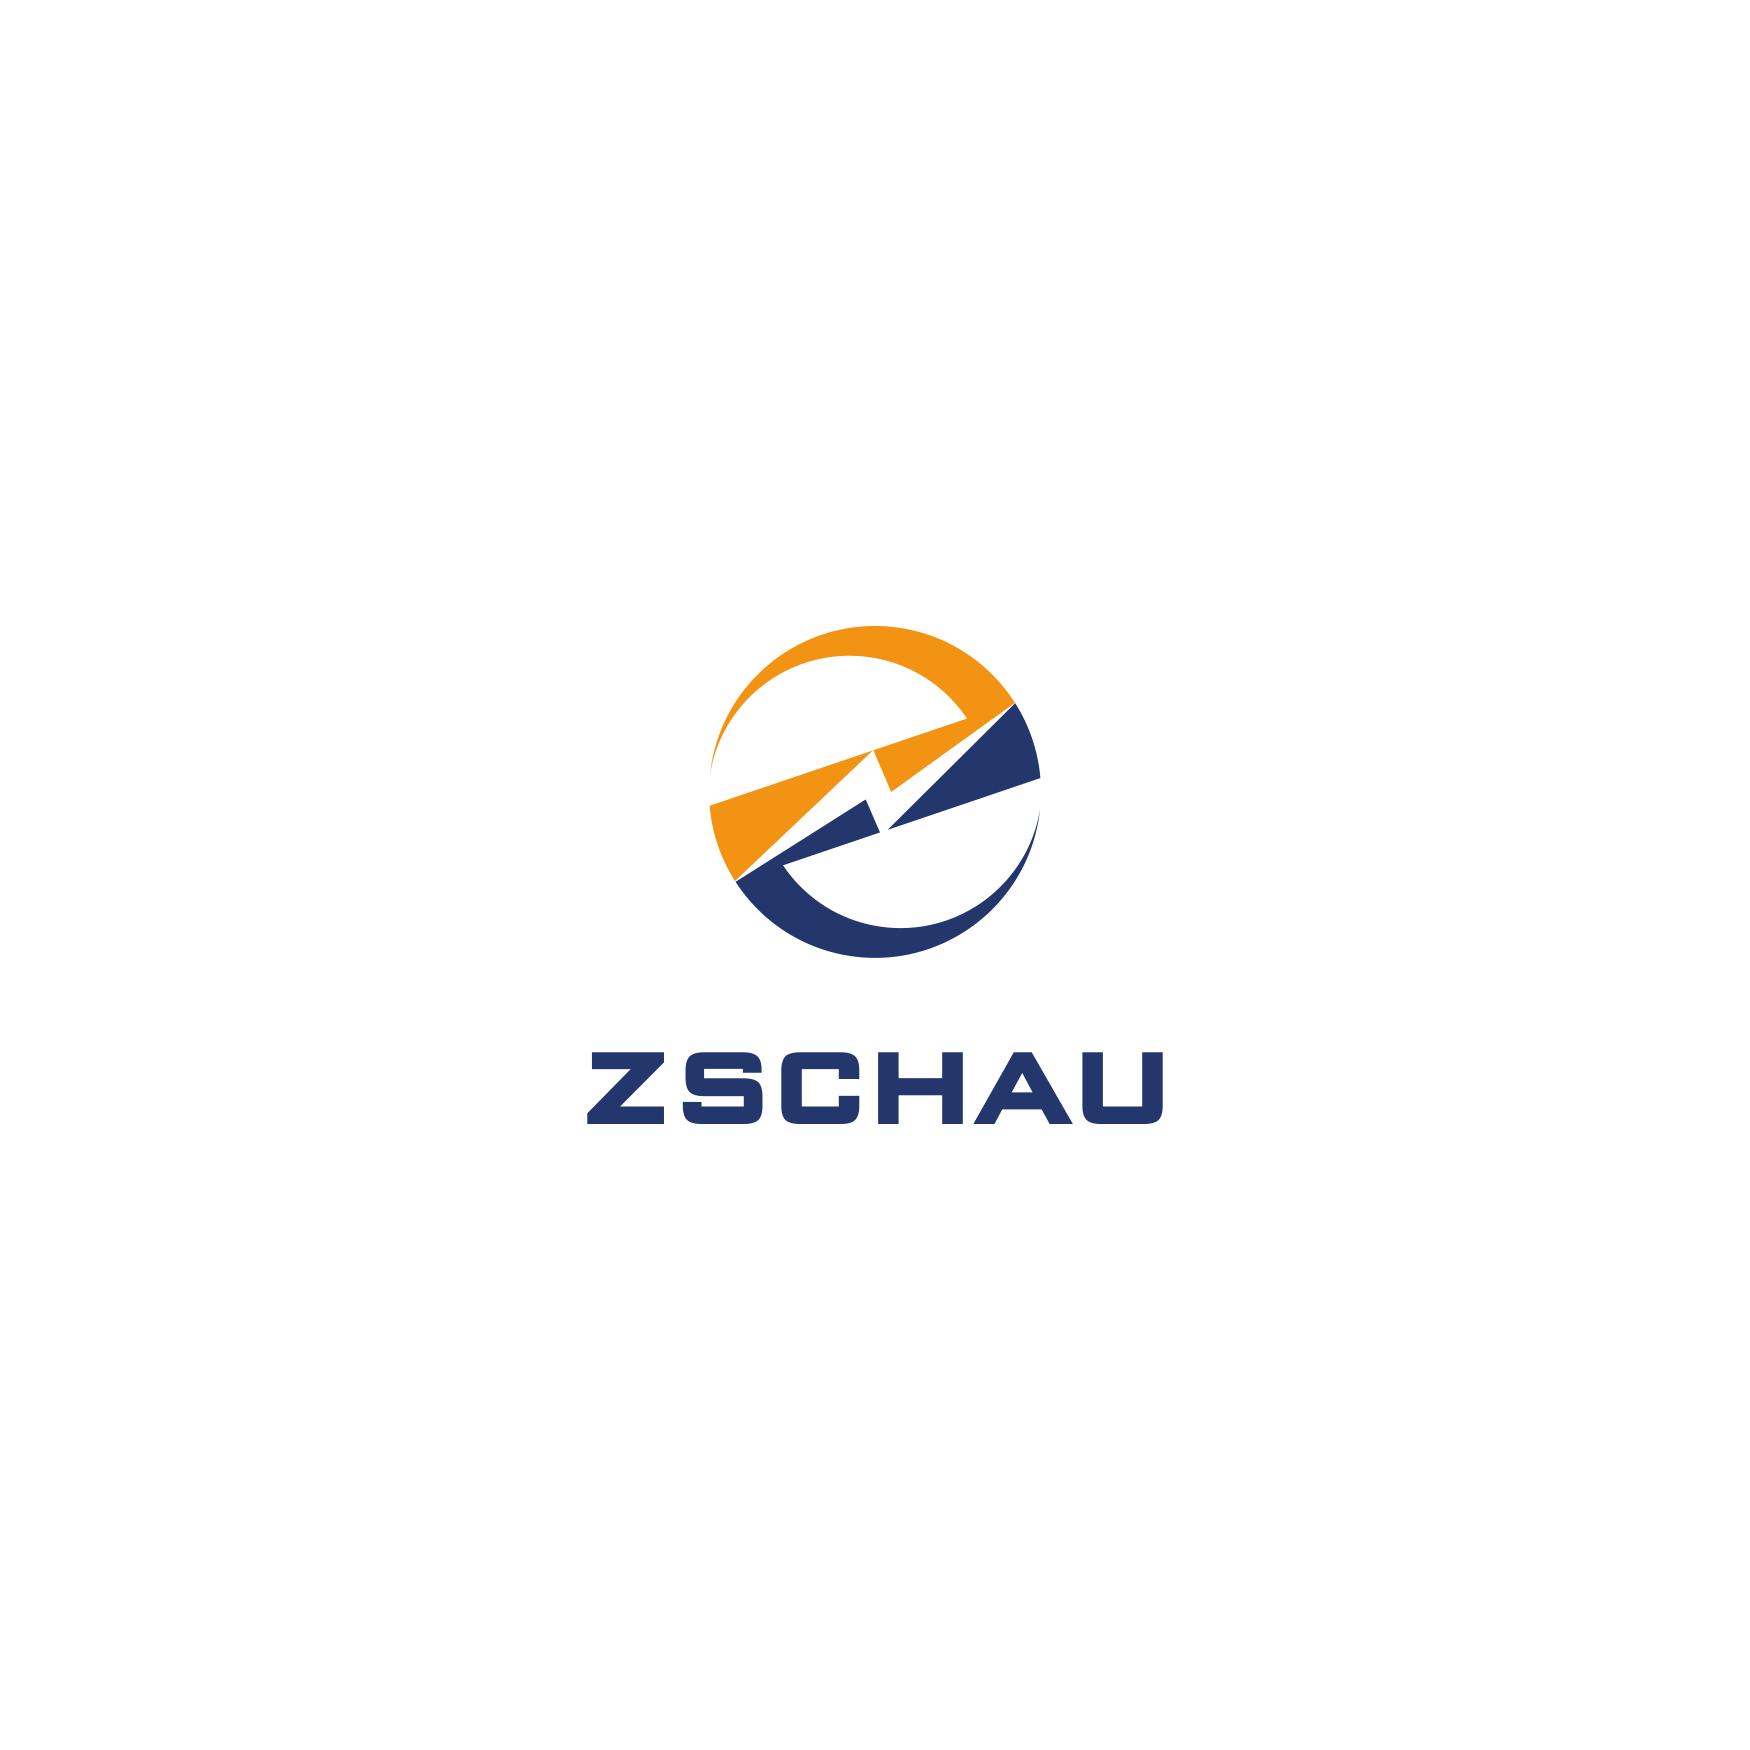 Logo und CI Design für technischen Dienstleister